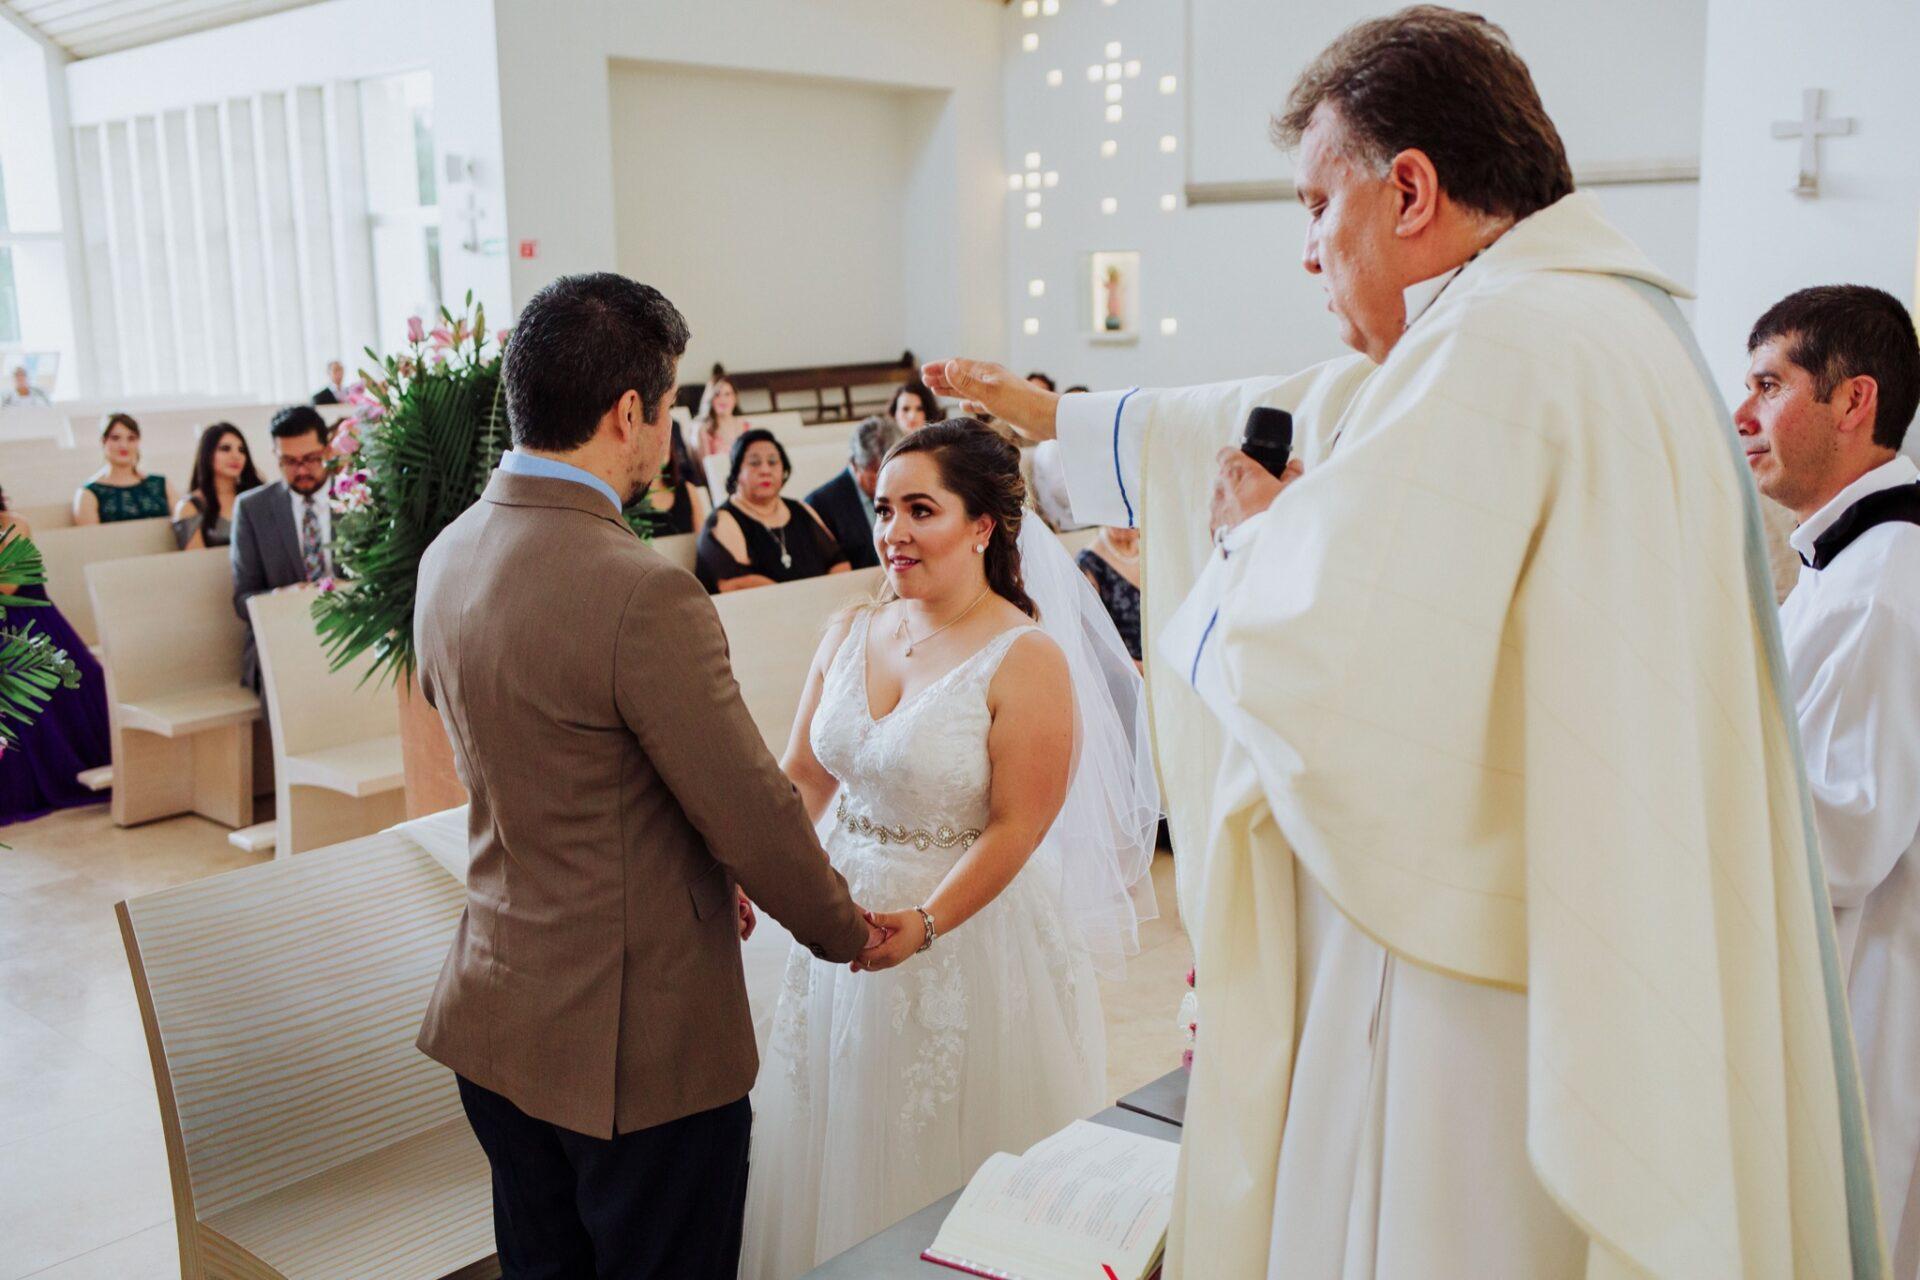 javier_noriega_fotografo_bodas_los_gaviones_zacatecas_wedding_photographer7